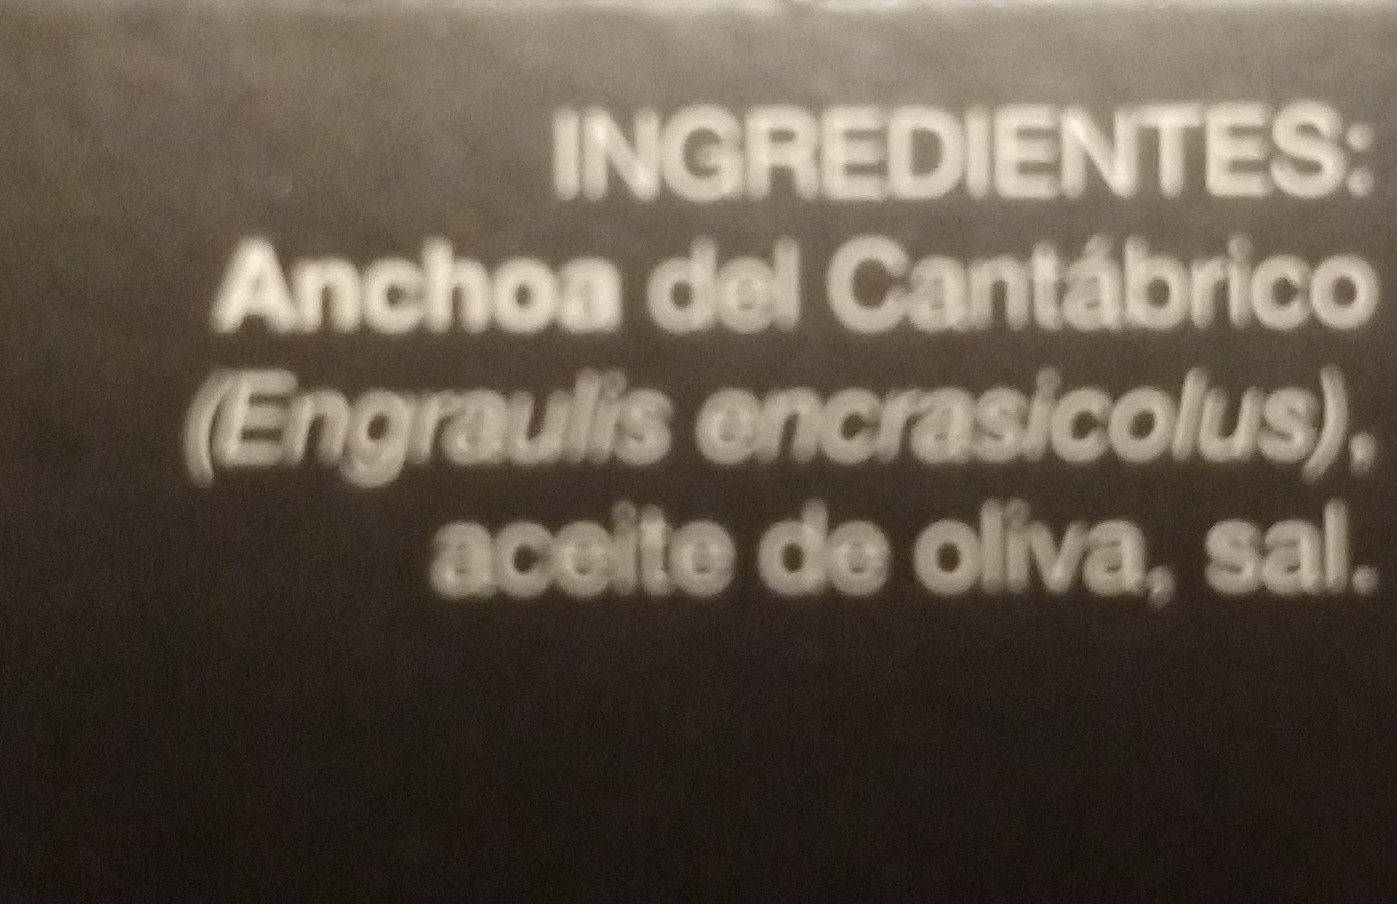 Gourmet filetes de anchoa del cantábrico bajo - Ingredientes - es